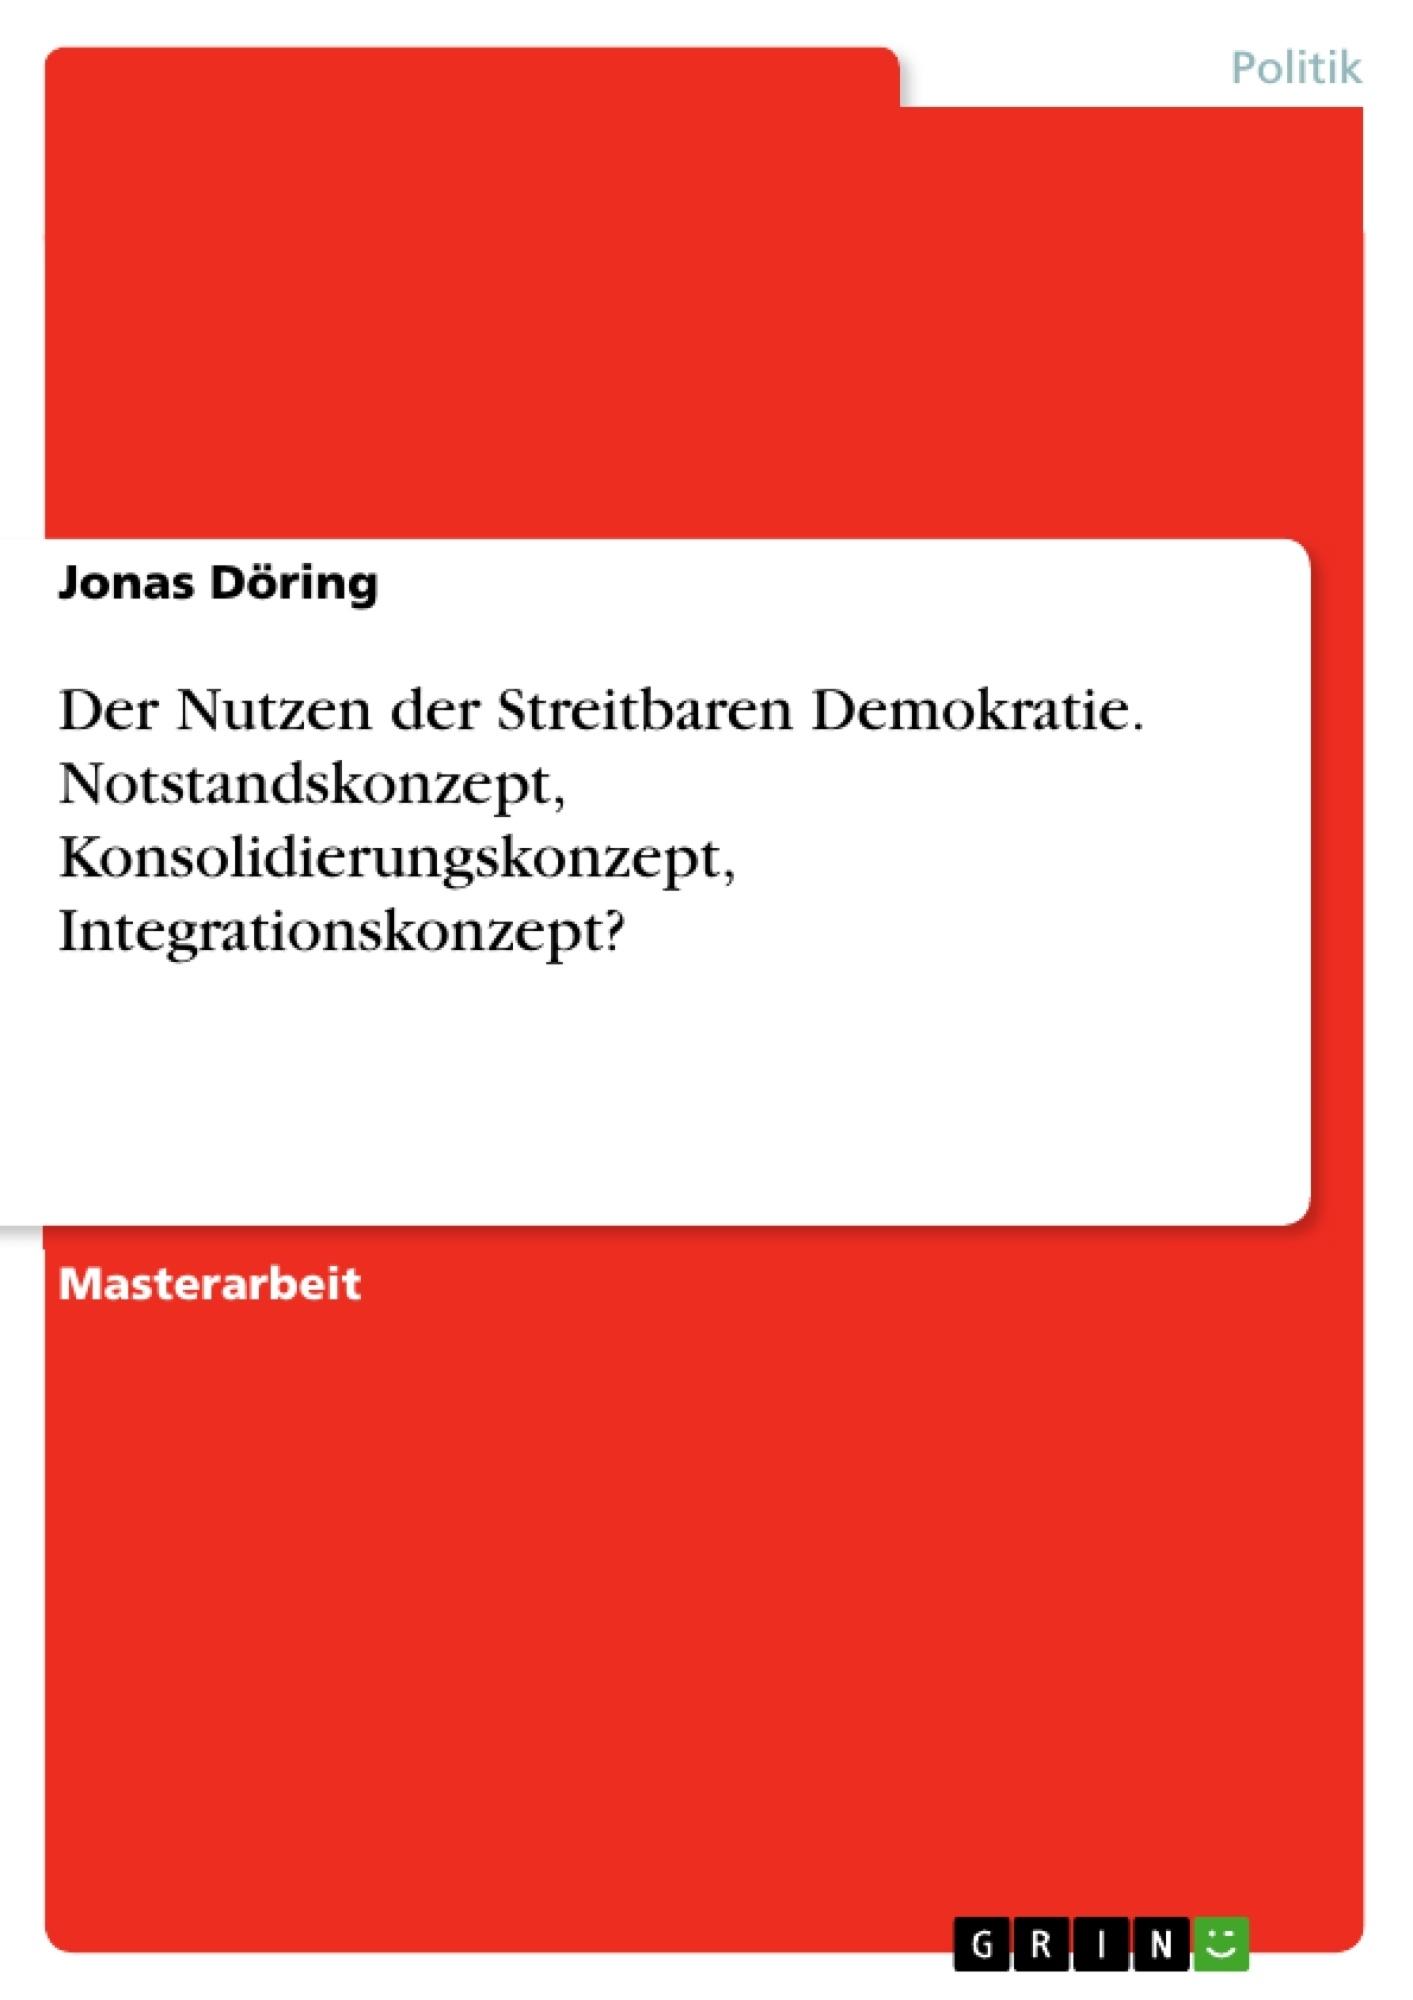 Titel: Der Nutzen der Streitbaren Demokratie. Notstandskonzept, Konsolidierungskonzept, Integrationskonzept?